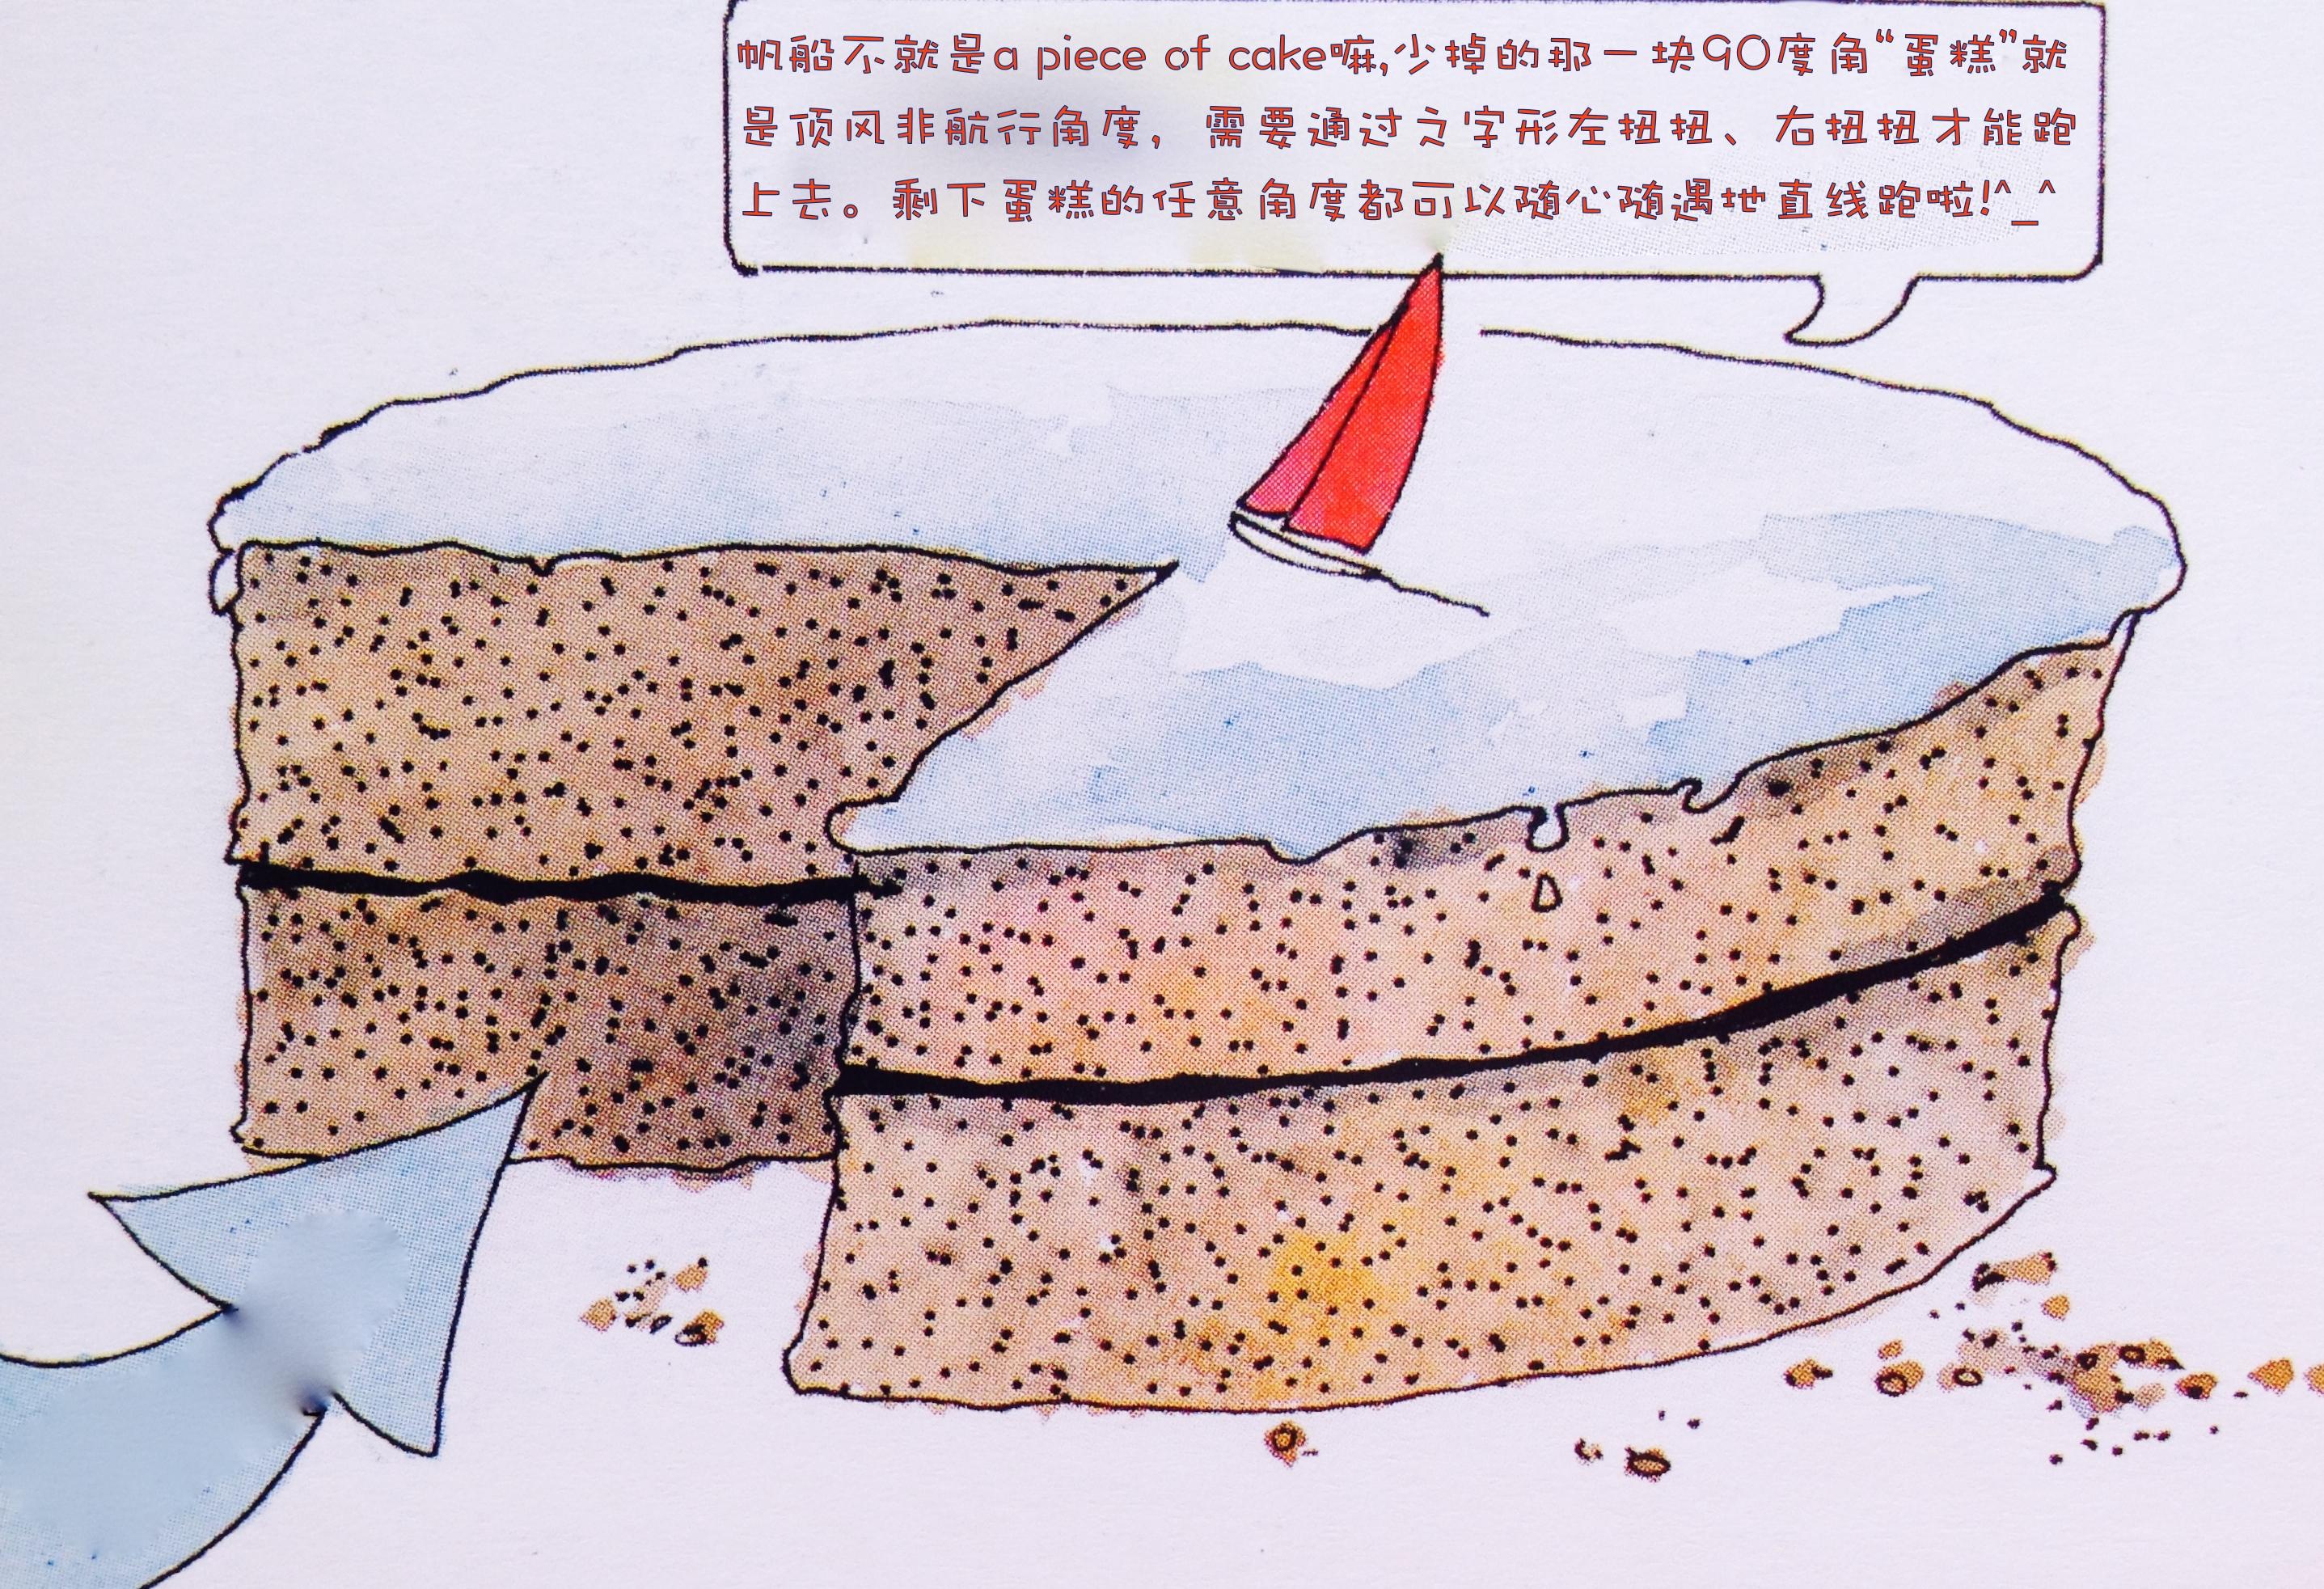 上风,迎风航线,徐莉佳,帆船,如何 帆船是如何前进的?这里我们需要讲些理论知识咯---徐莉佳漫画 6c.jpg